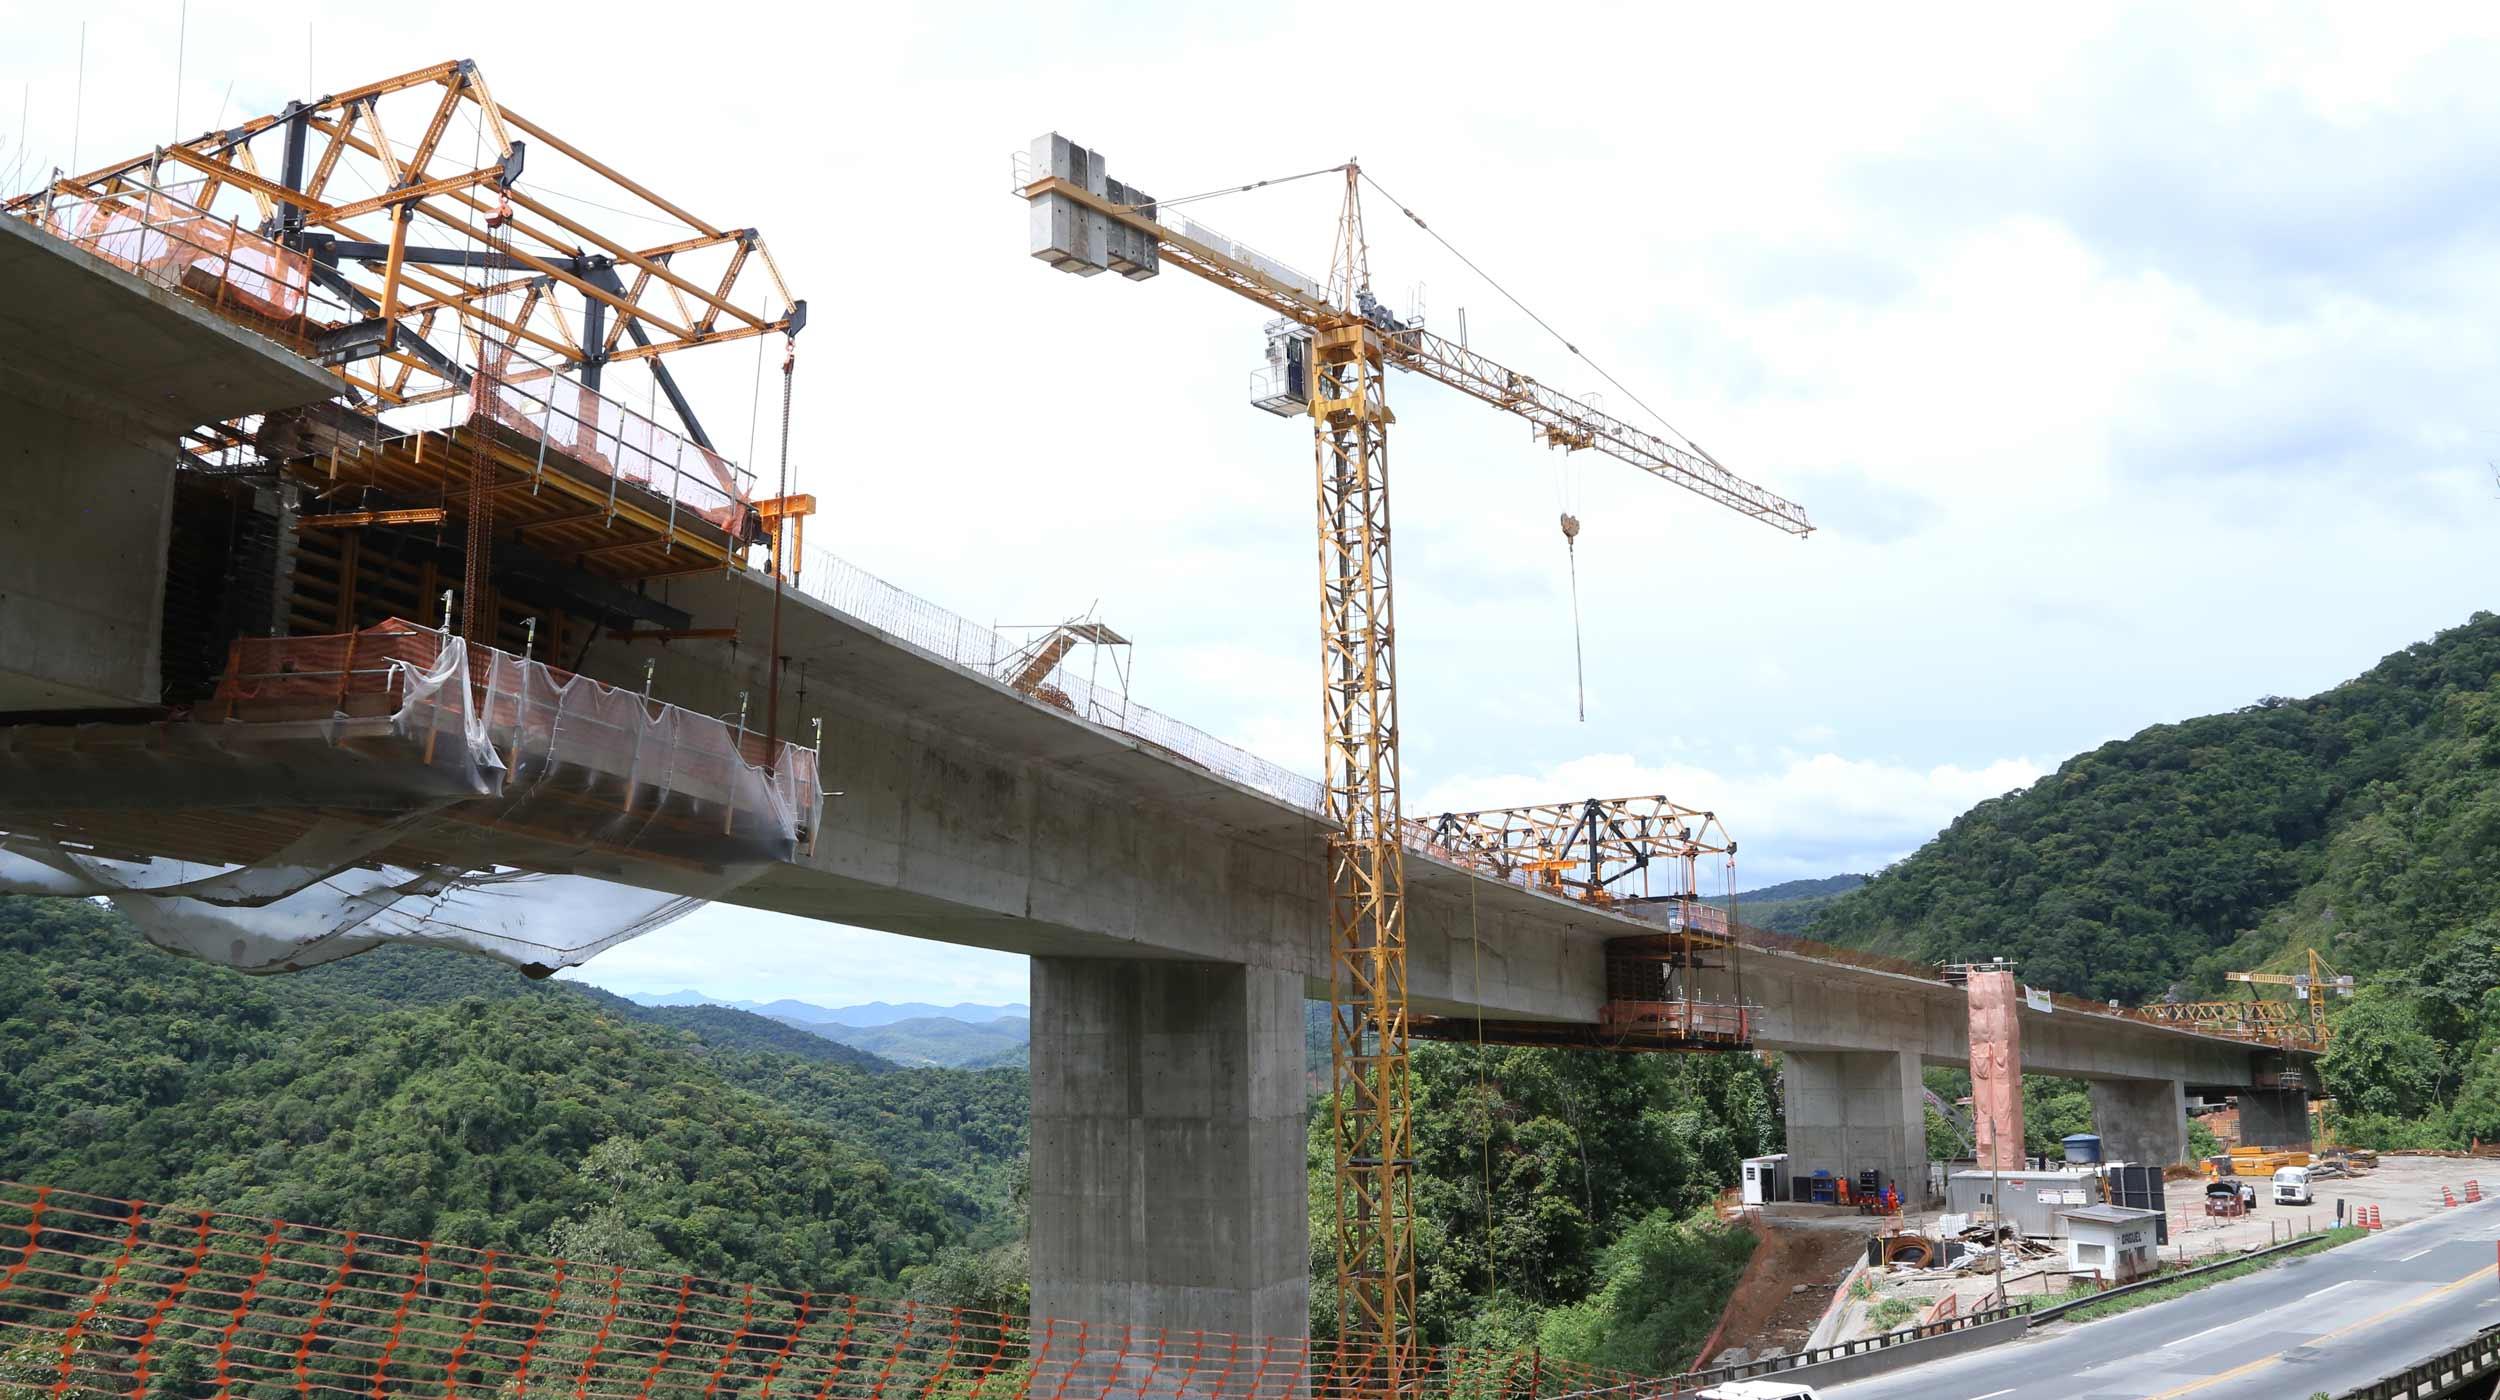 Uma das mais importantes rodovias do estado de São Paulo, a BR-116, também conhecida como Régis Bittencourt, liga São Paulo a Curitiba e tem um papel importante na malha rodoviária brasileira.